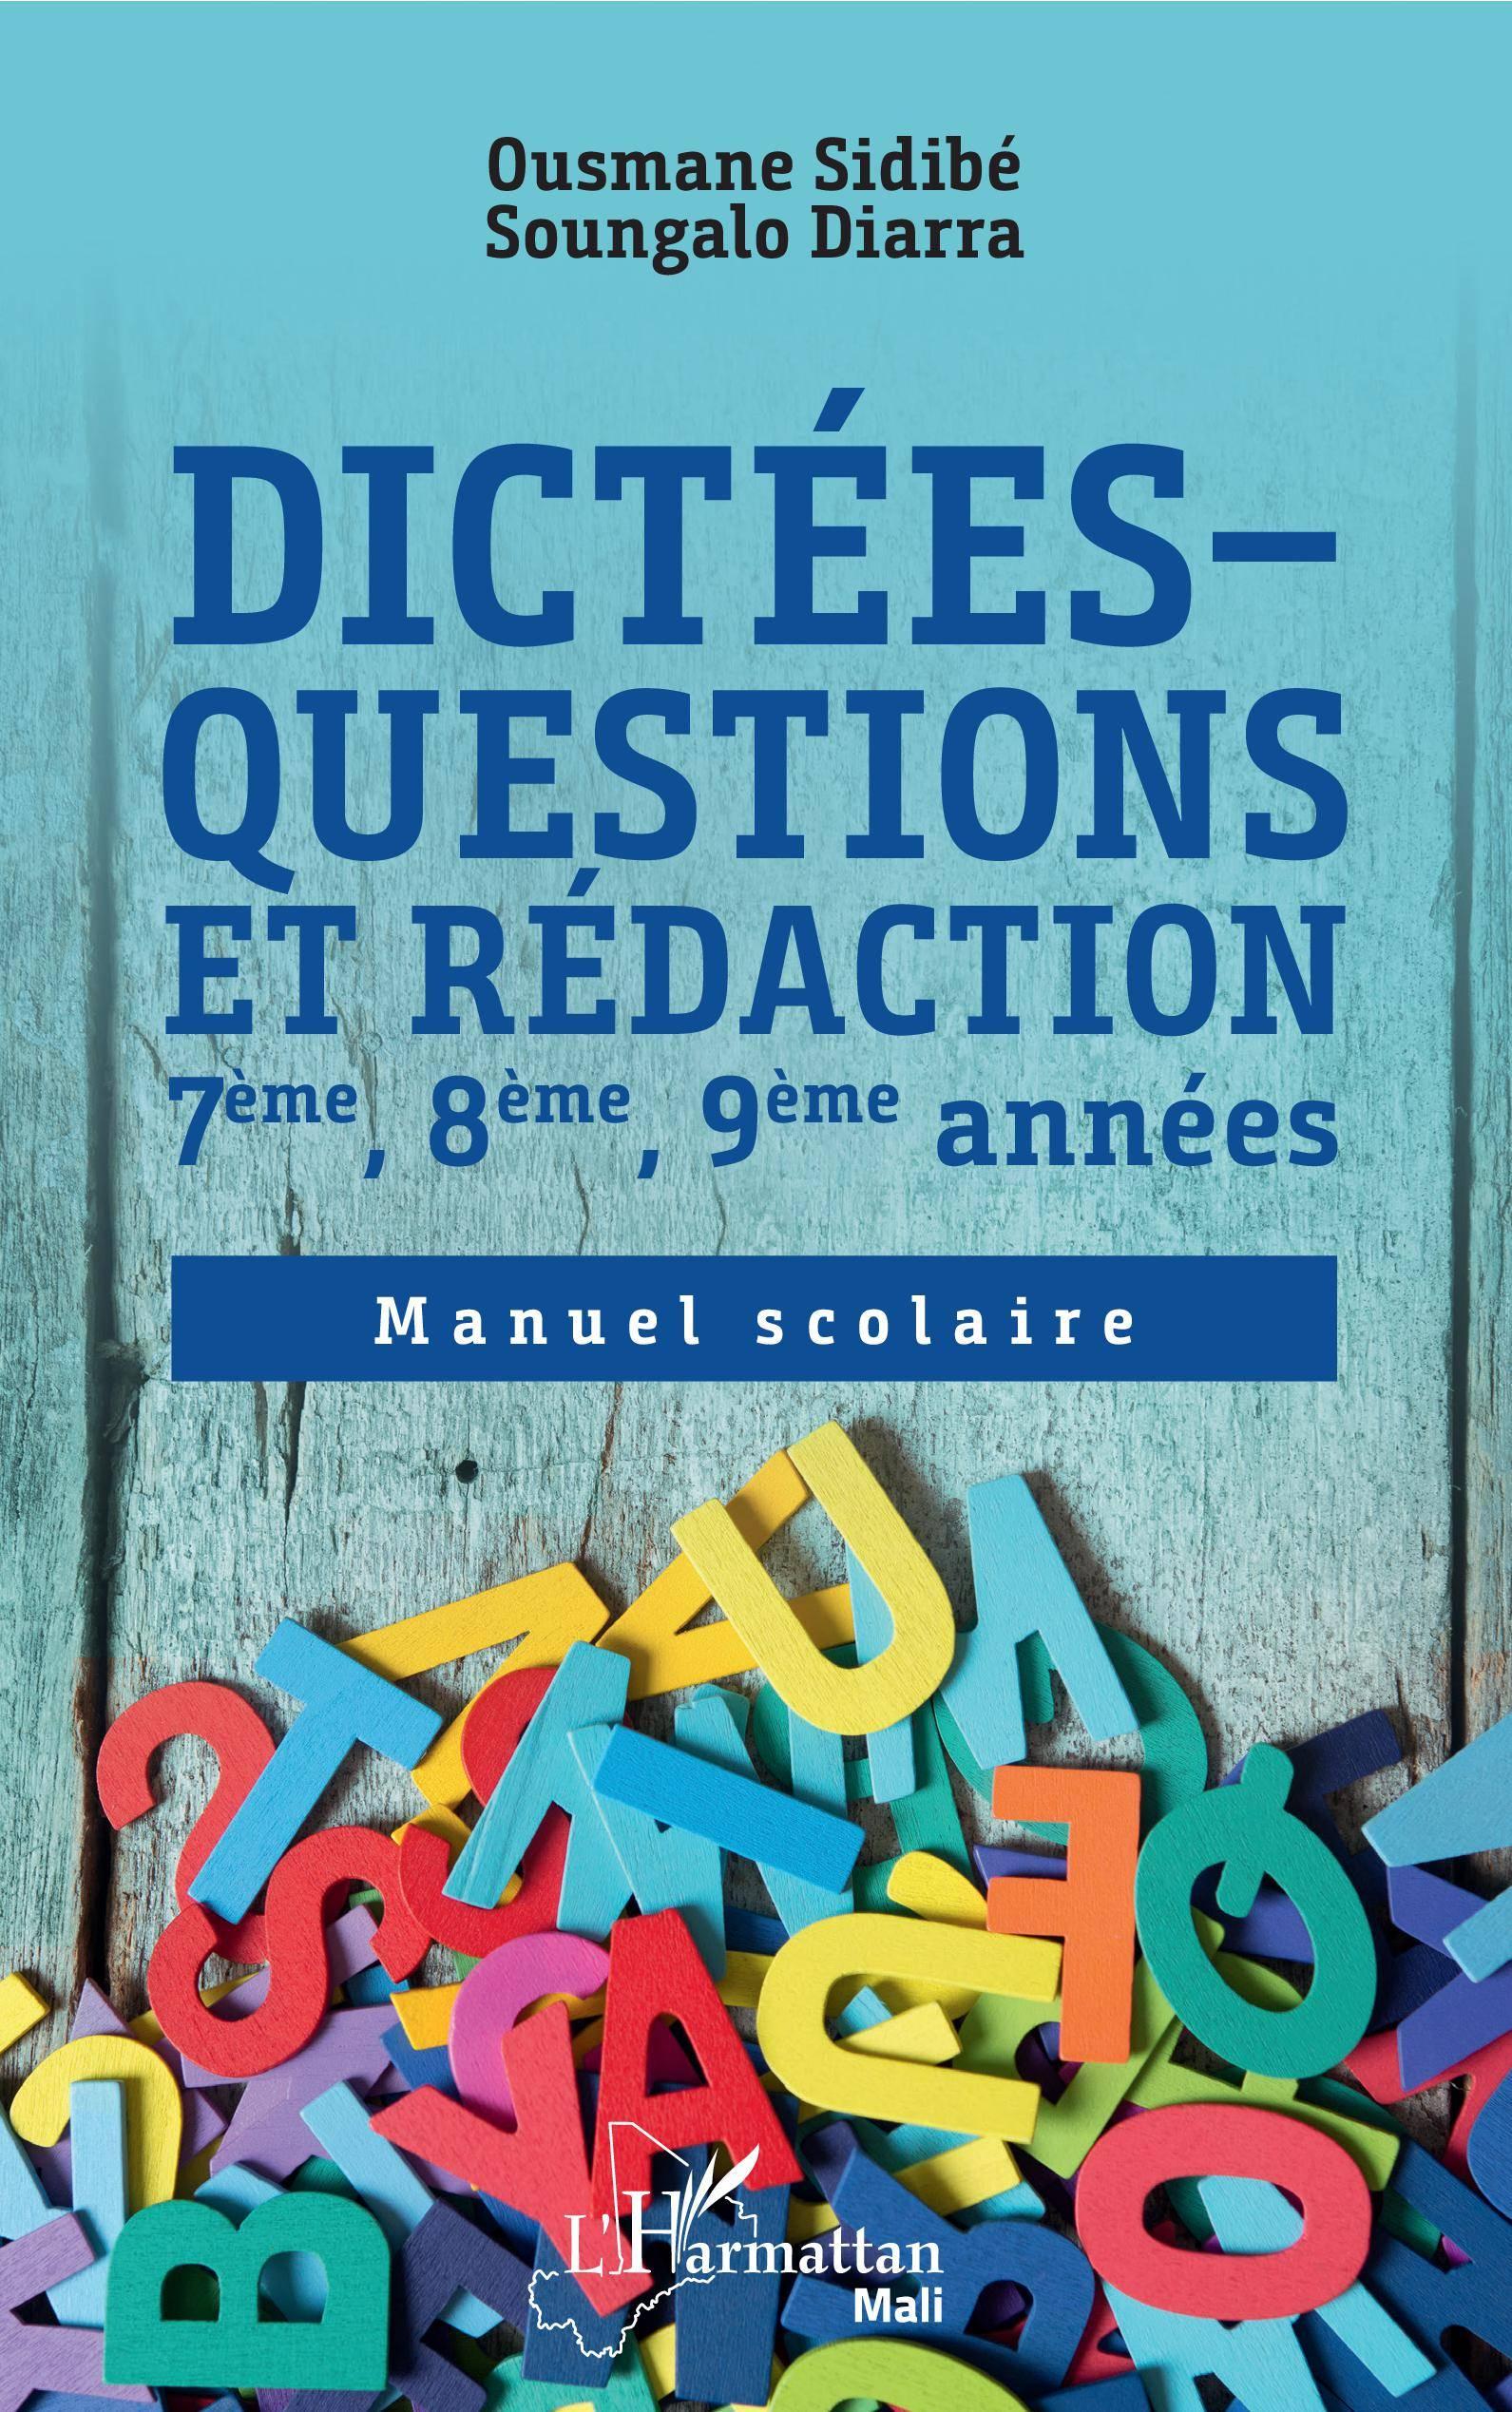 Dictees Questions Et Redaction 7eme 8eme 9eme Annees De